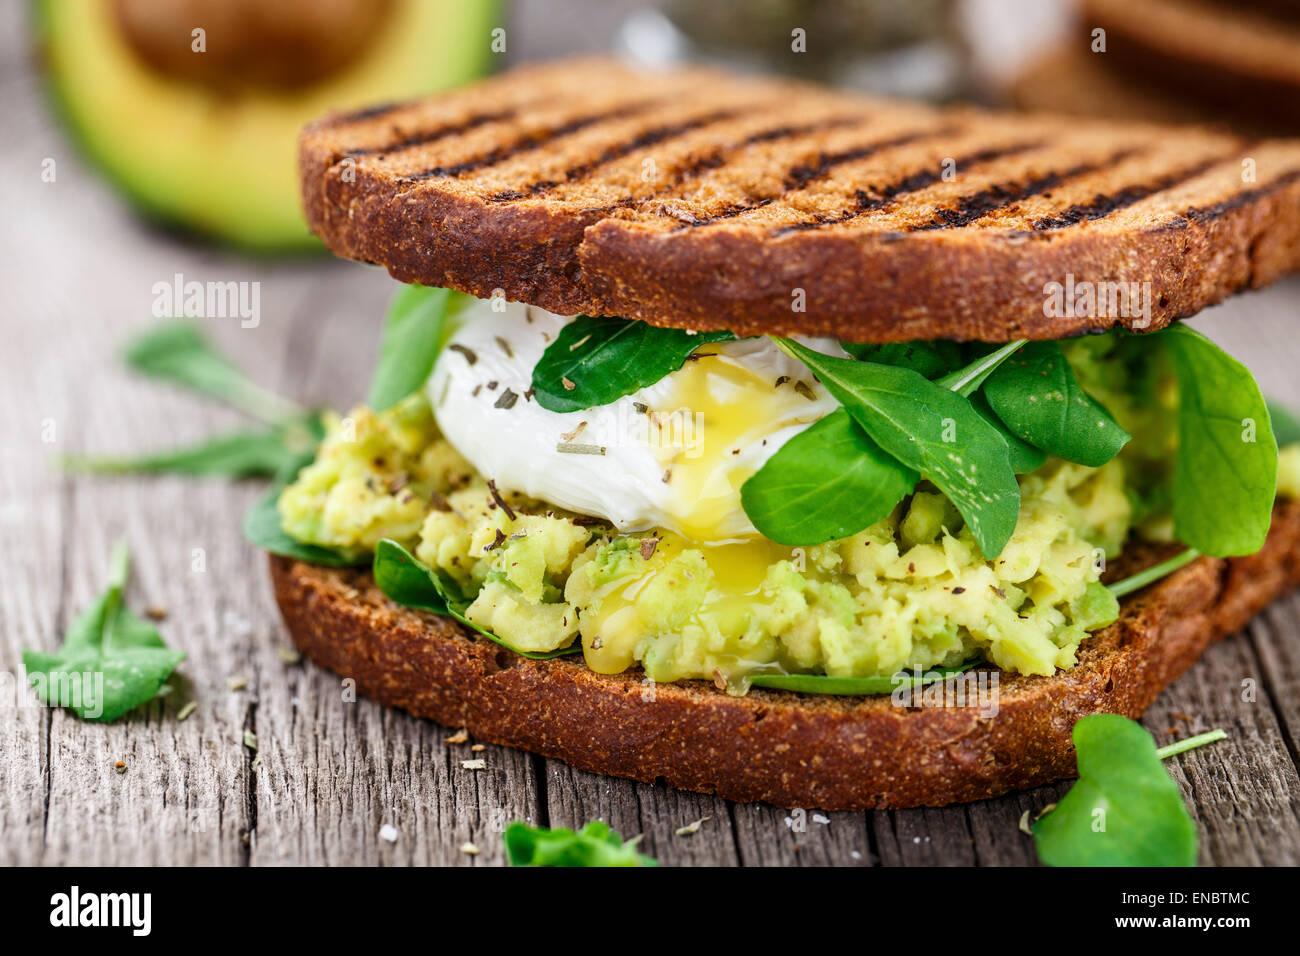 Sándwich de asado con aguacate, huevo escalfado y arugula sobre mesa de madera Imagen De Stock